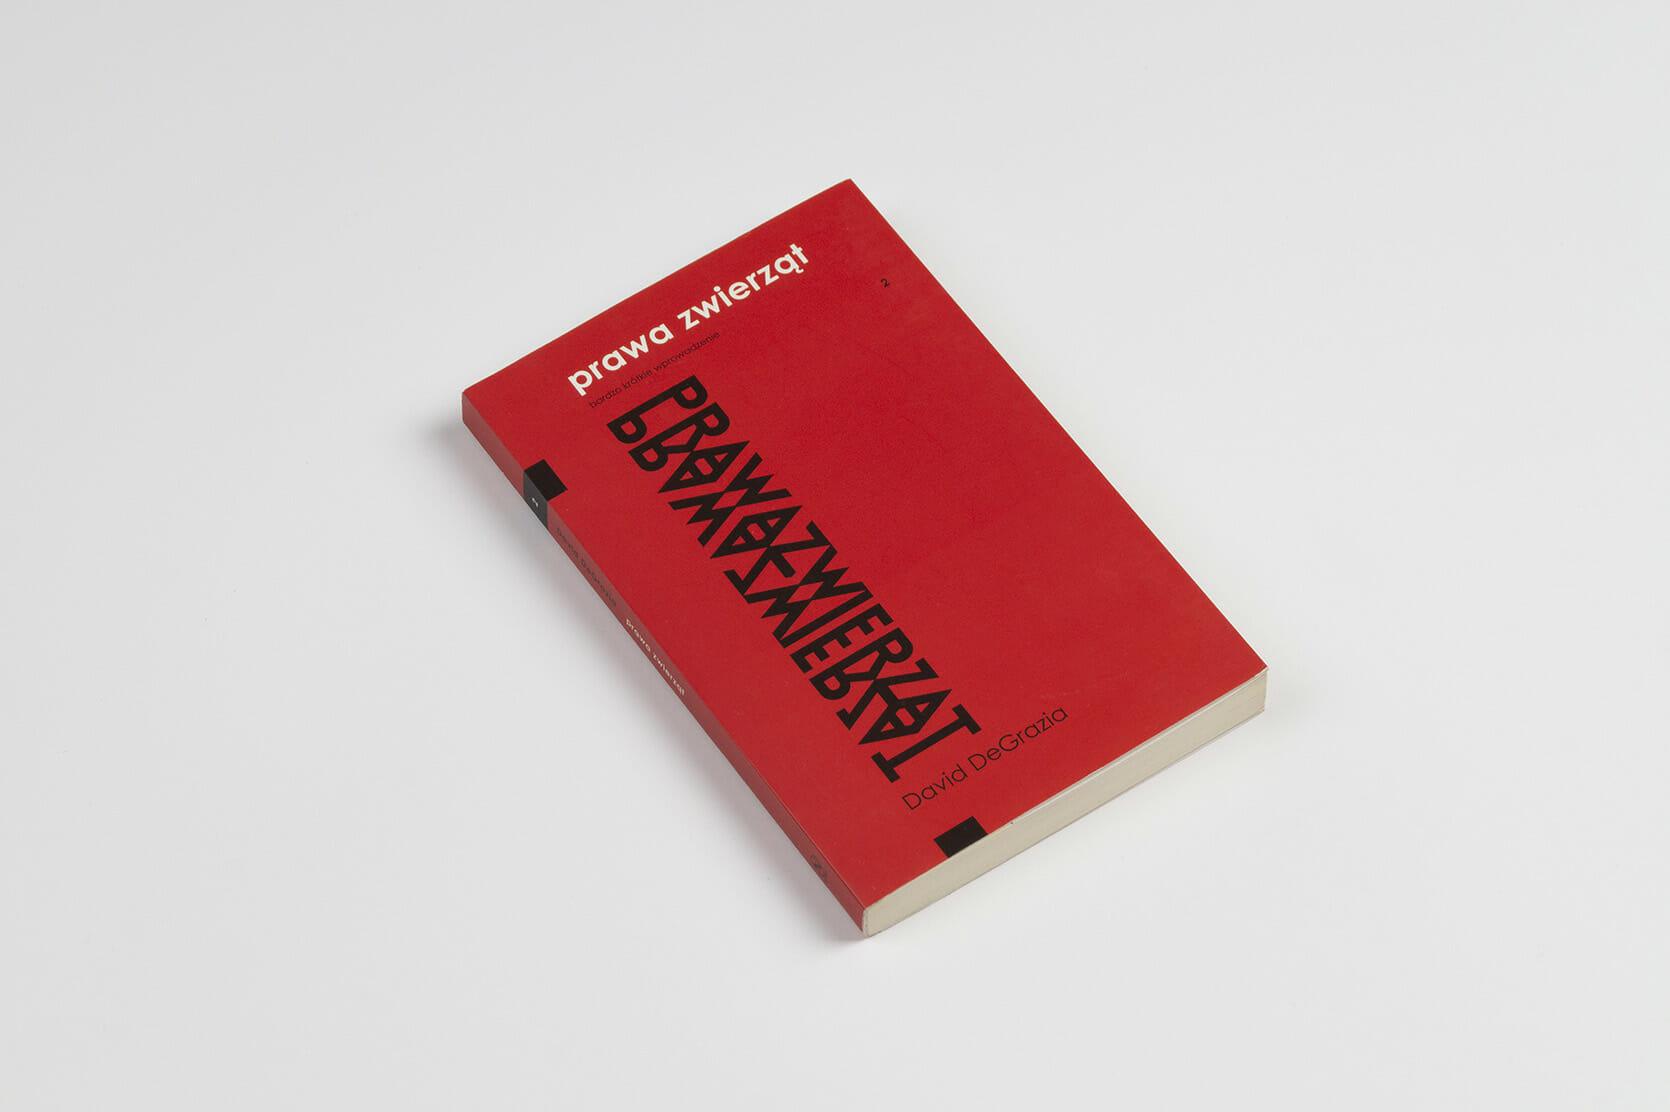 Animal rights - de grazia - book cover